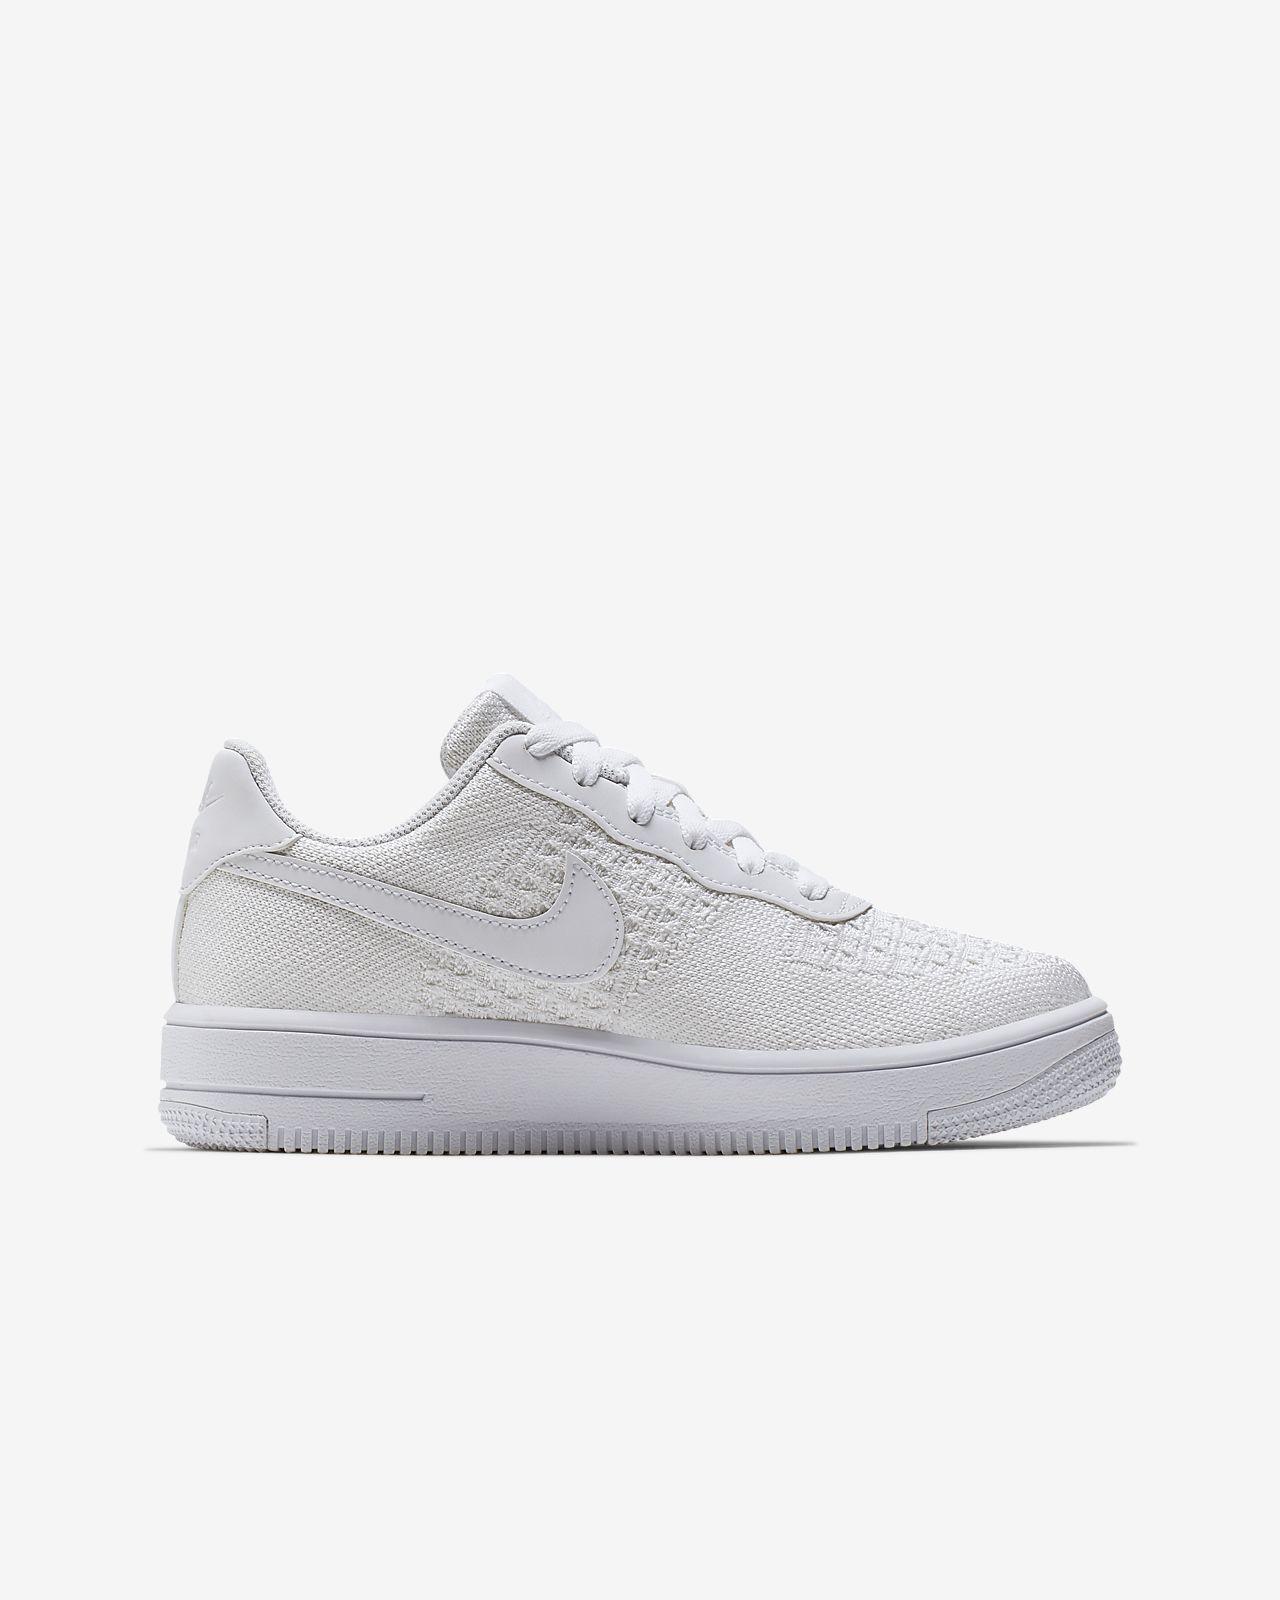 29bd81efec Nike Air Force 1 Flyknit 2.0 Younger/Older Kids' Shoe